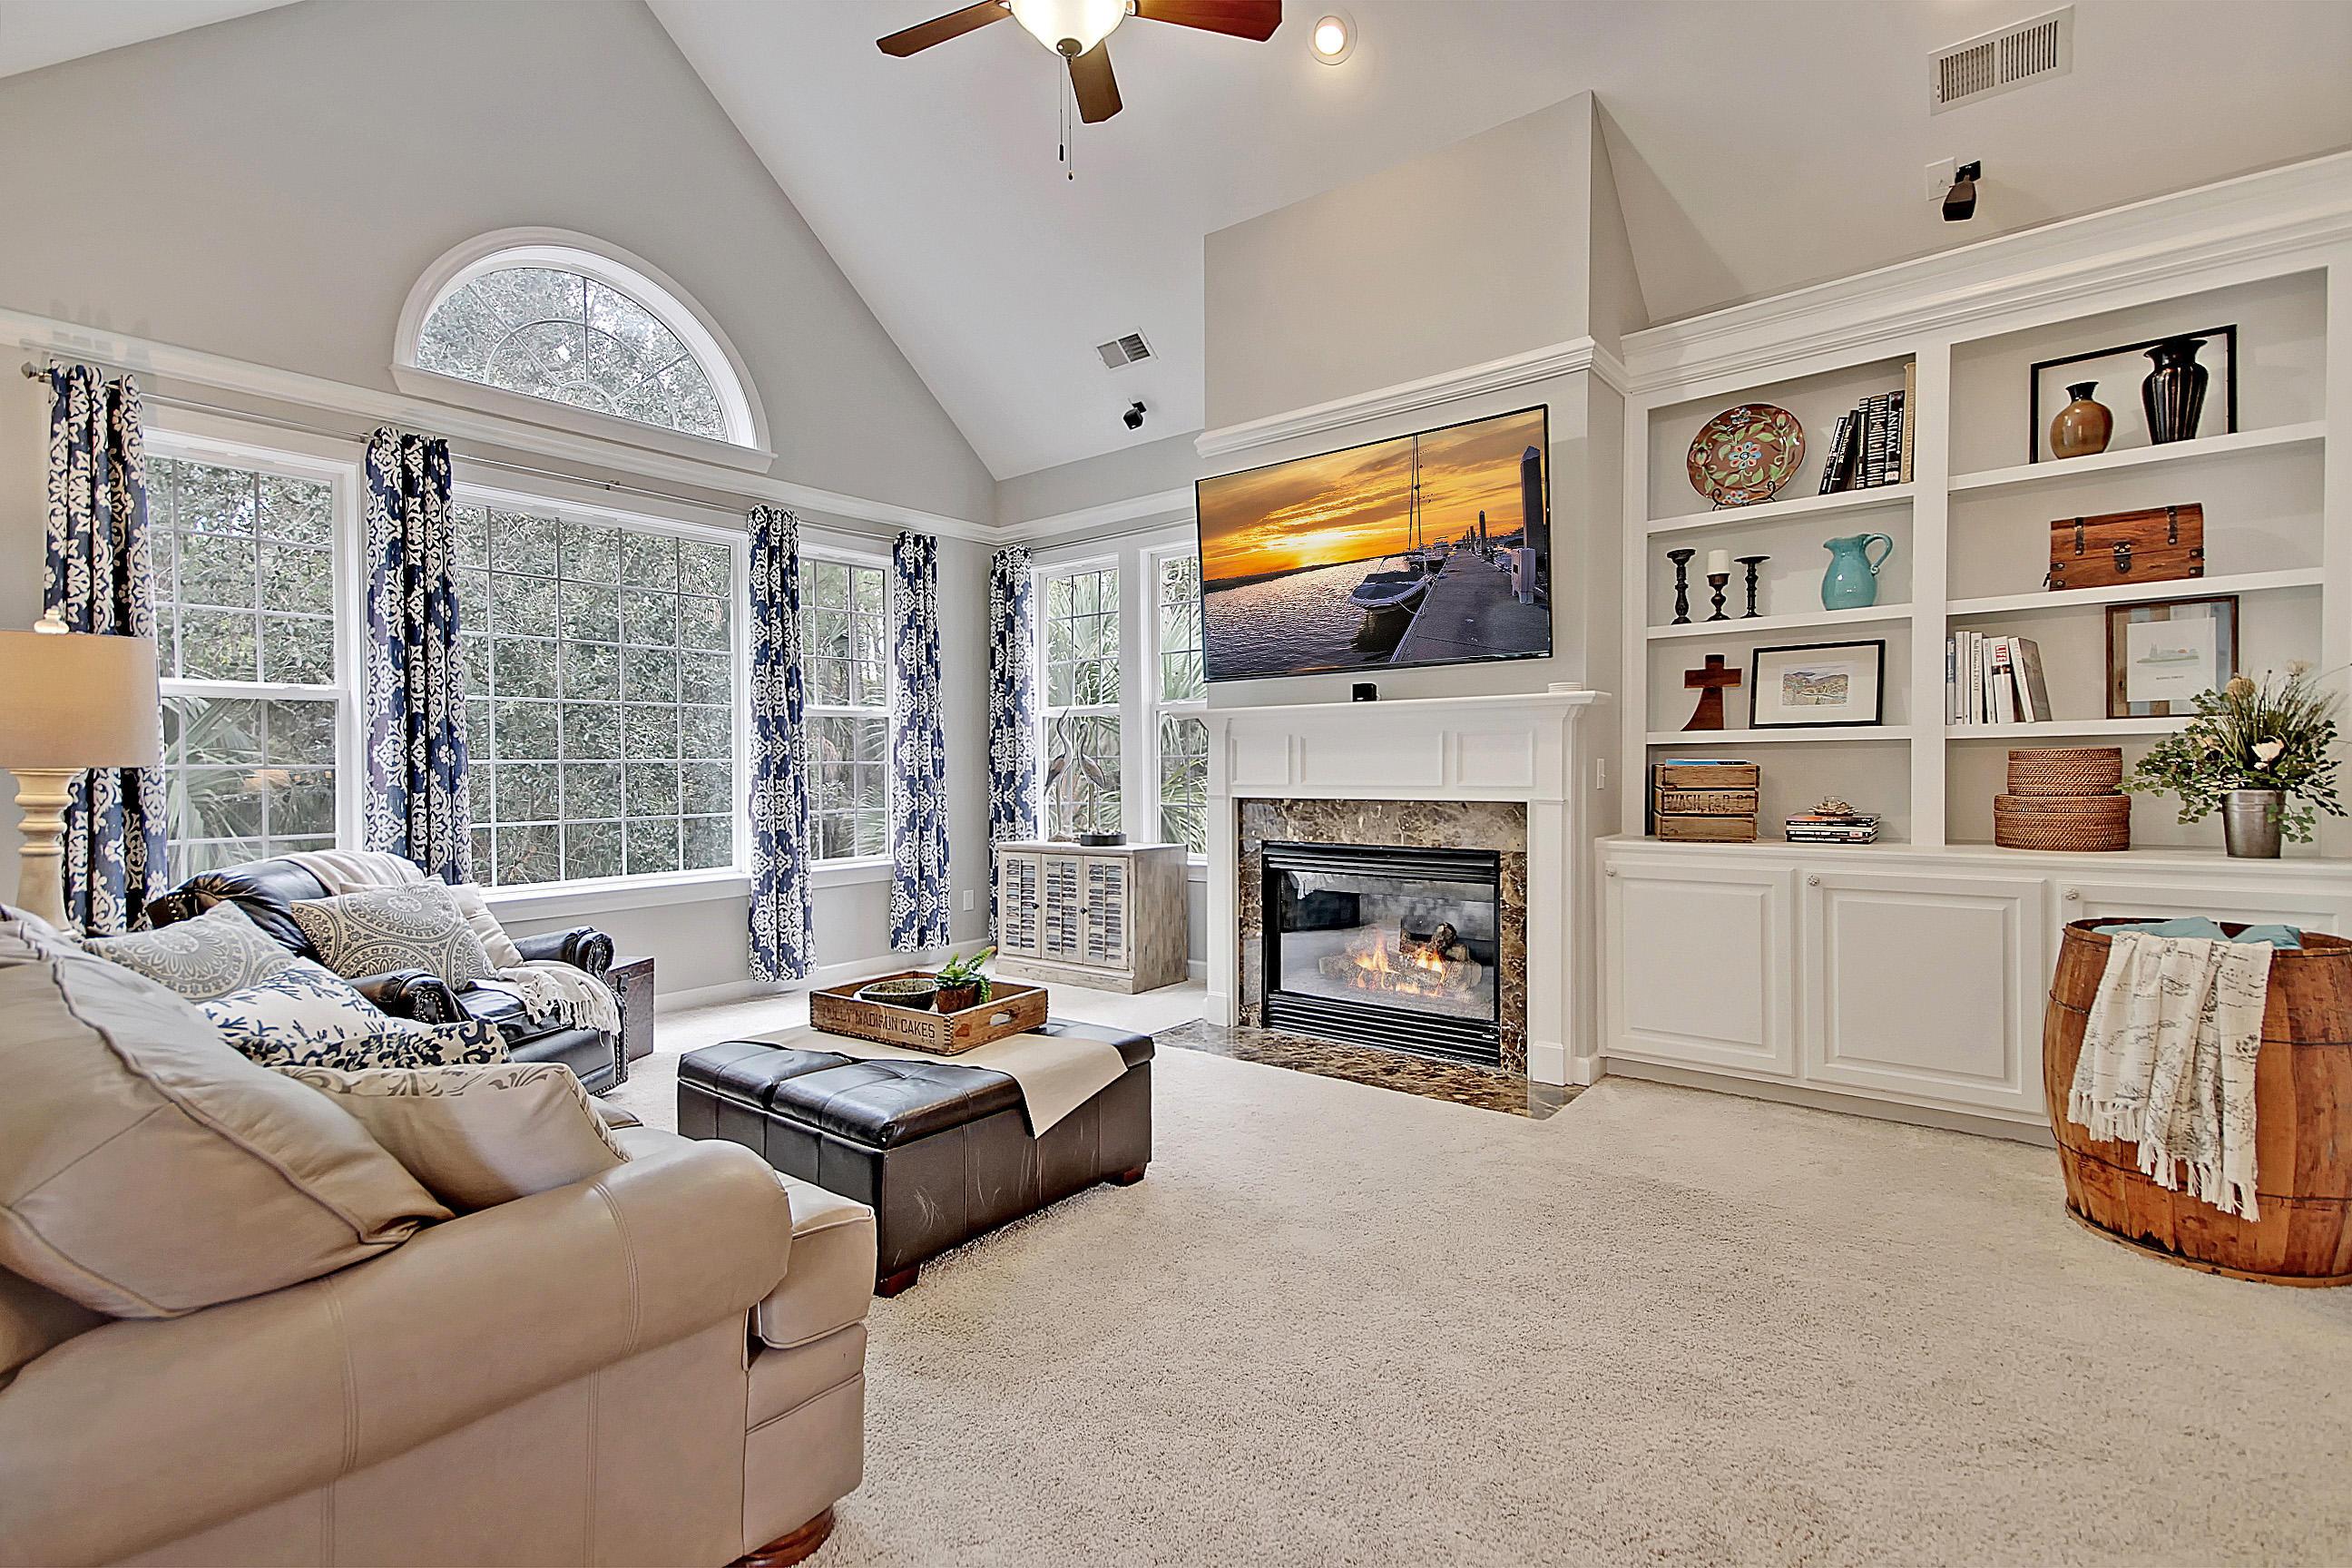 Dunes West Homes For Sale - 3056 Riverwood, Mount Pleasant, SC - 43